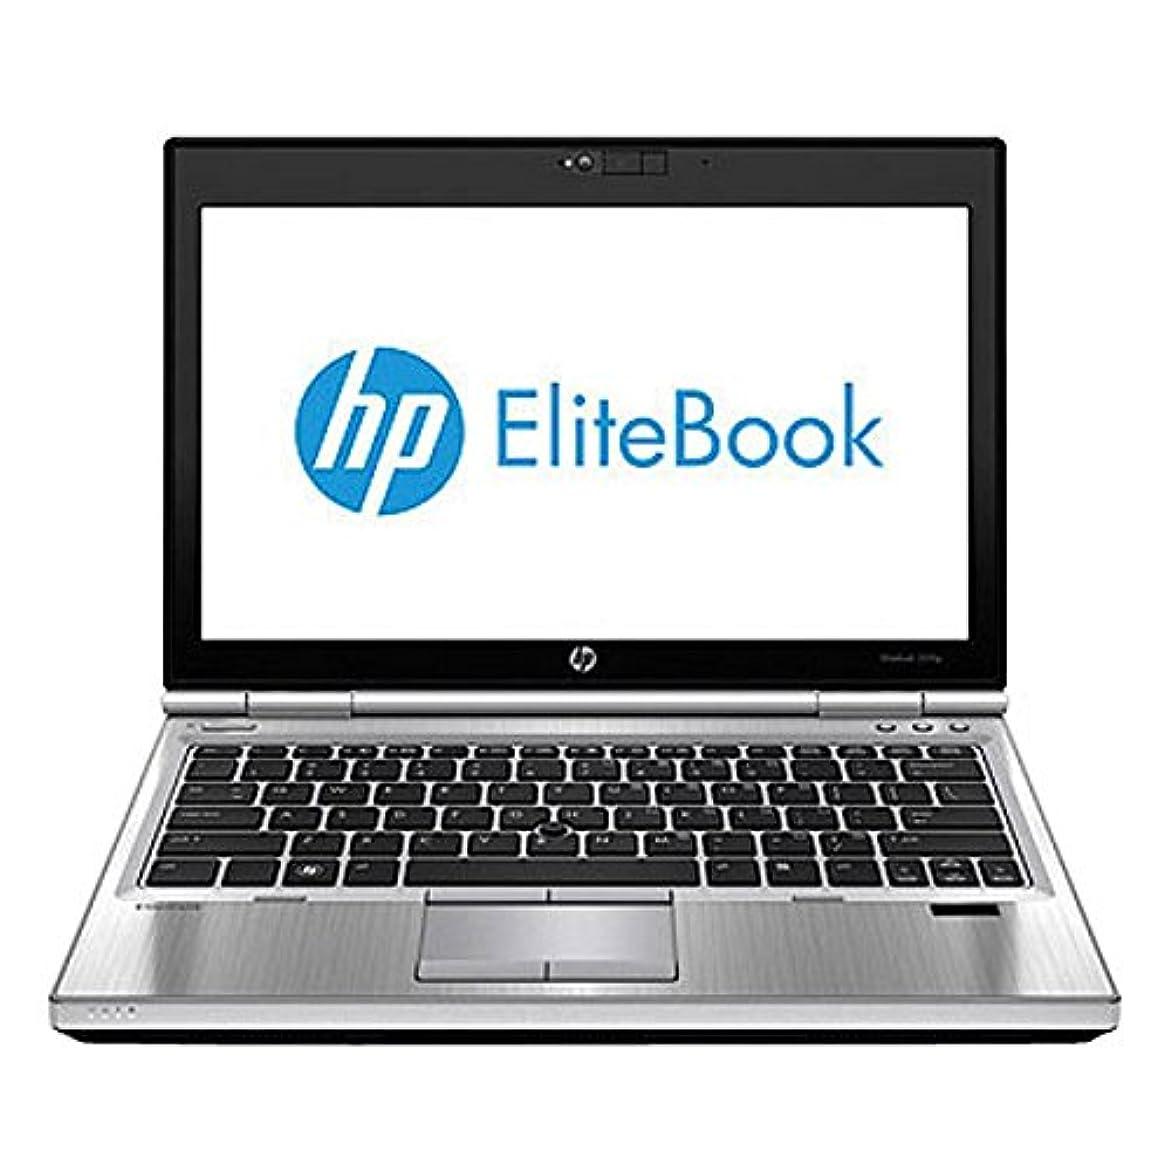 神愛する削除するHP B8S43AW#ABJ EliteBook 2570p/CT [ノートパソコン 12.5型ワイド液晶 HDD500GB DVDスーパーマルチ]